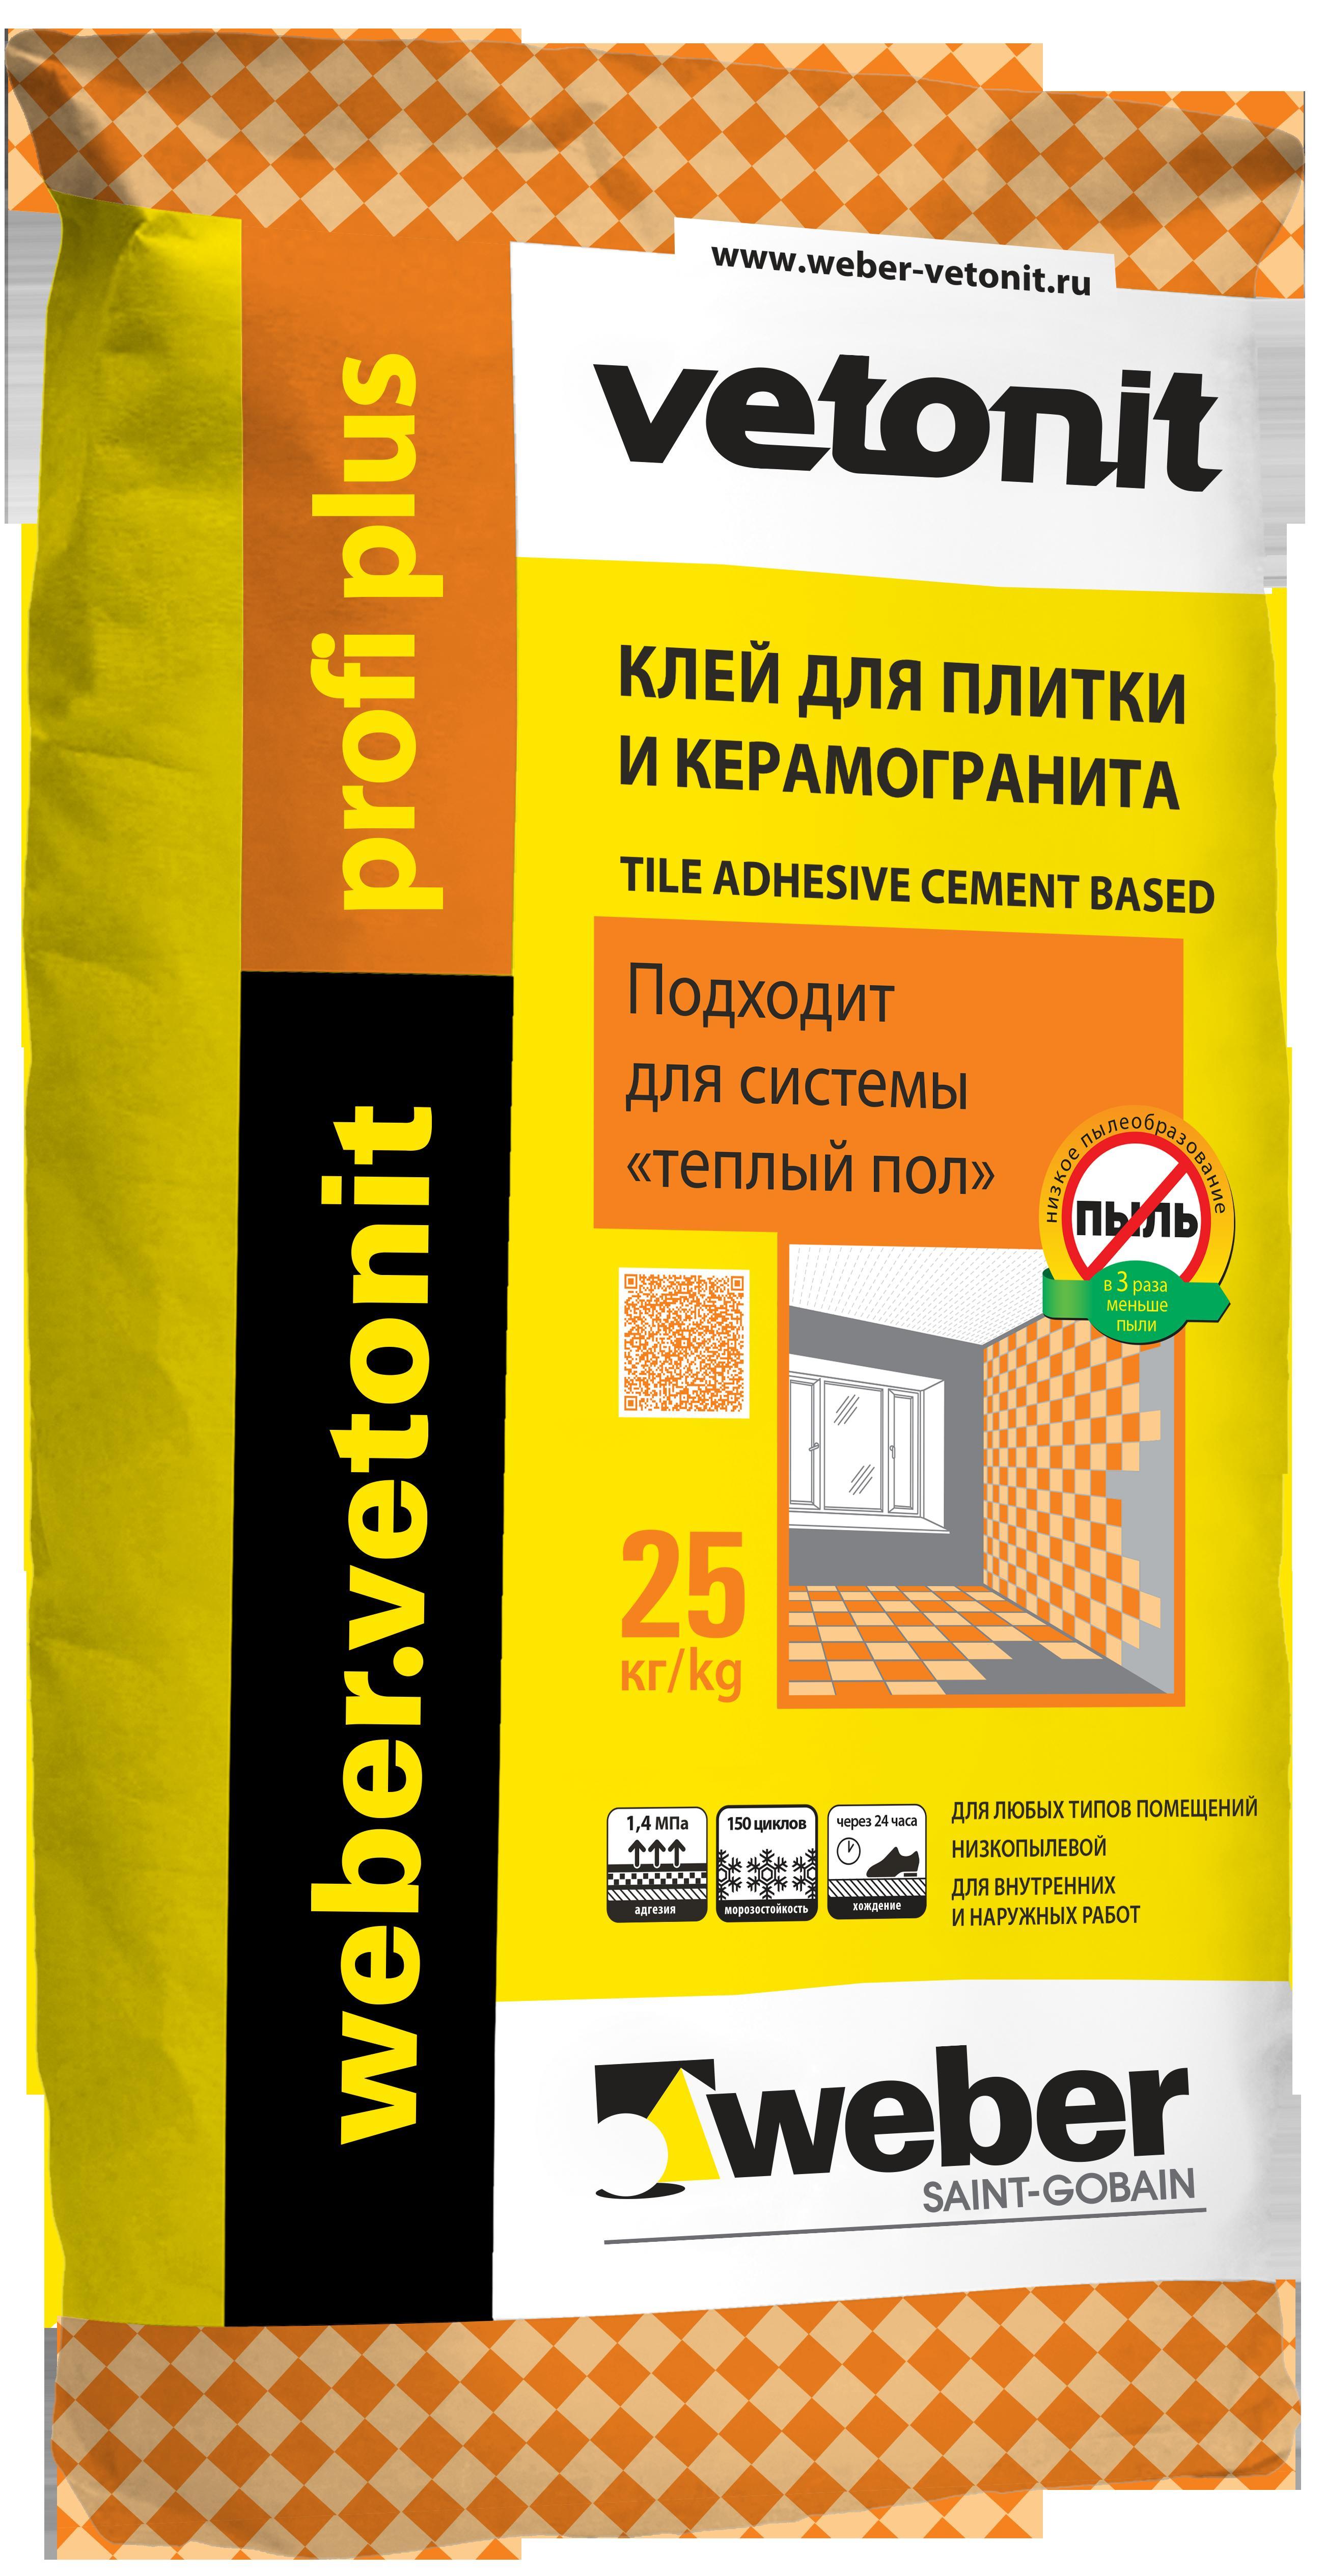 Ветонит Профи Плюс (Вебер.Ветонит) (клей для плитки, керамогранита), 25кг